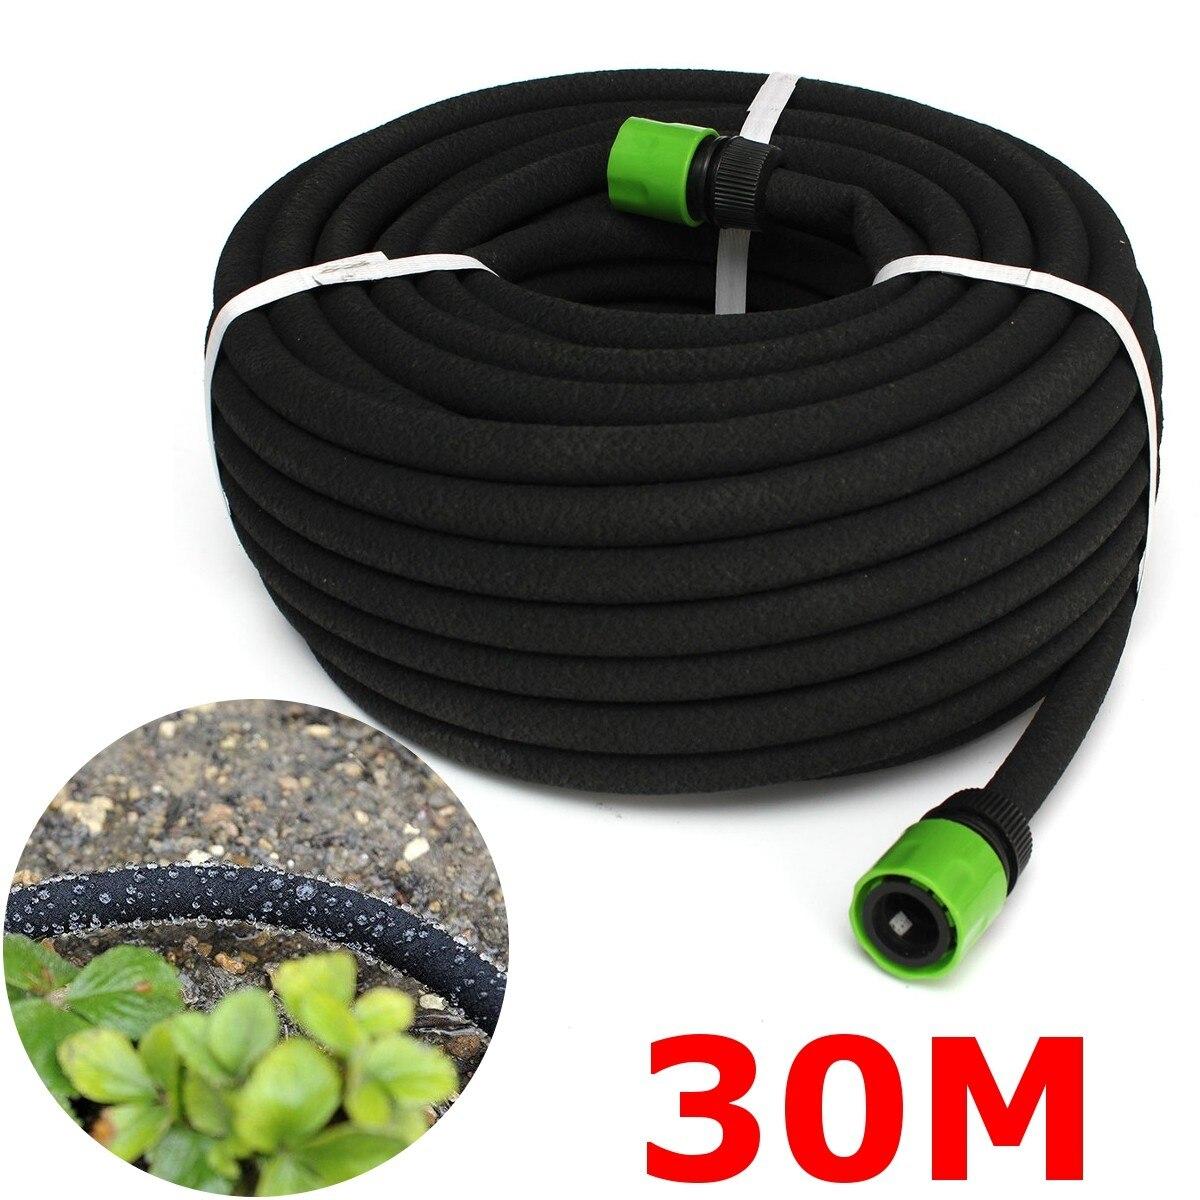 30M Schwarze Poröse Bewässerung Soaker Bewässerung Tropf Rohr Rasen Garten Werkzeug Ausrüstung